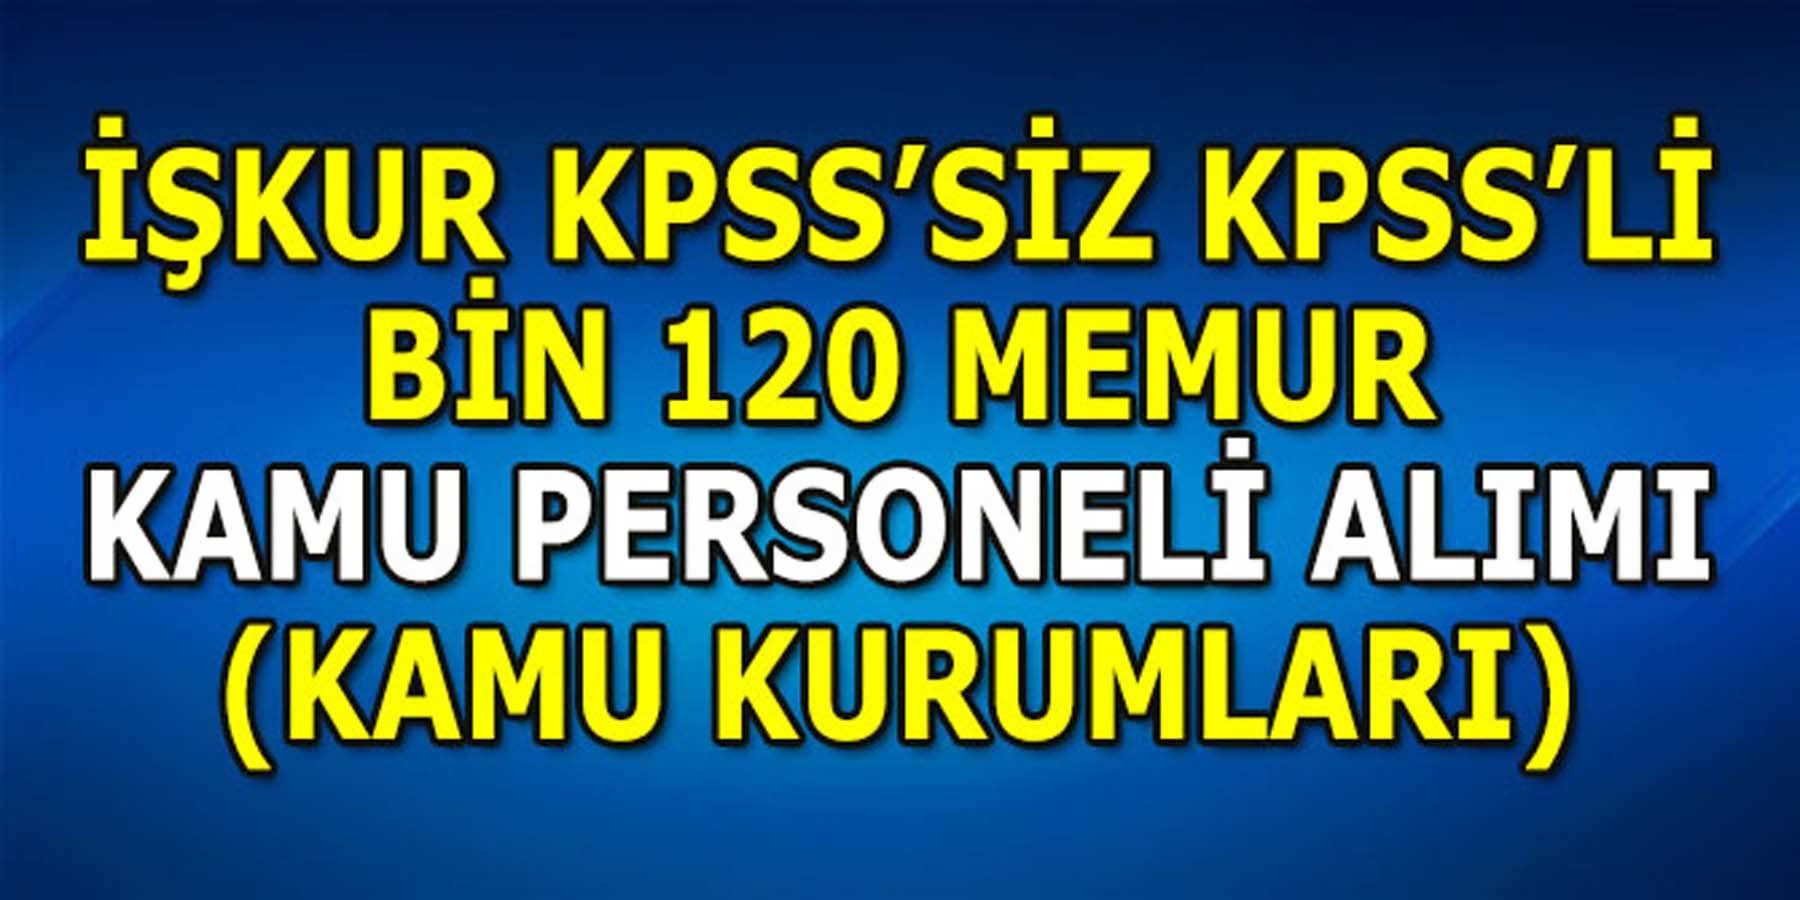 İŞKUR KPSS'SİZ KPSS'Lİ Bin 120 Memur (Kamu Kurumları) ve İşçi Alımı İş İlanları